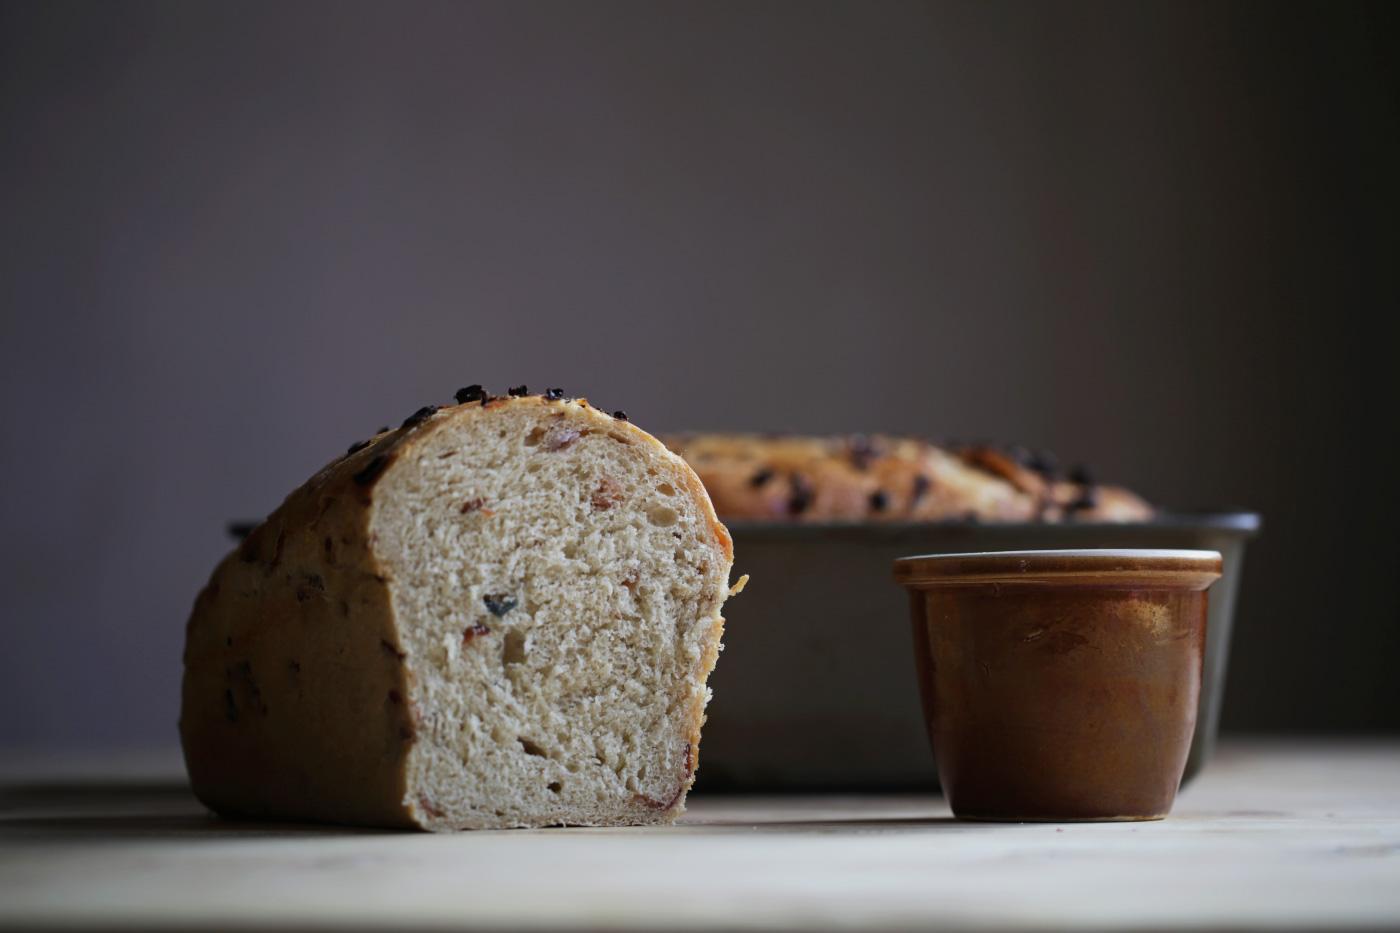 pan de tocino con cebolla morada